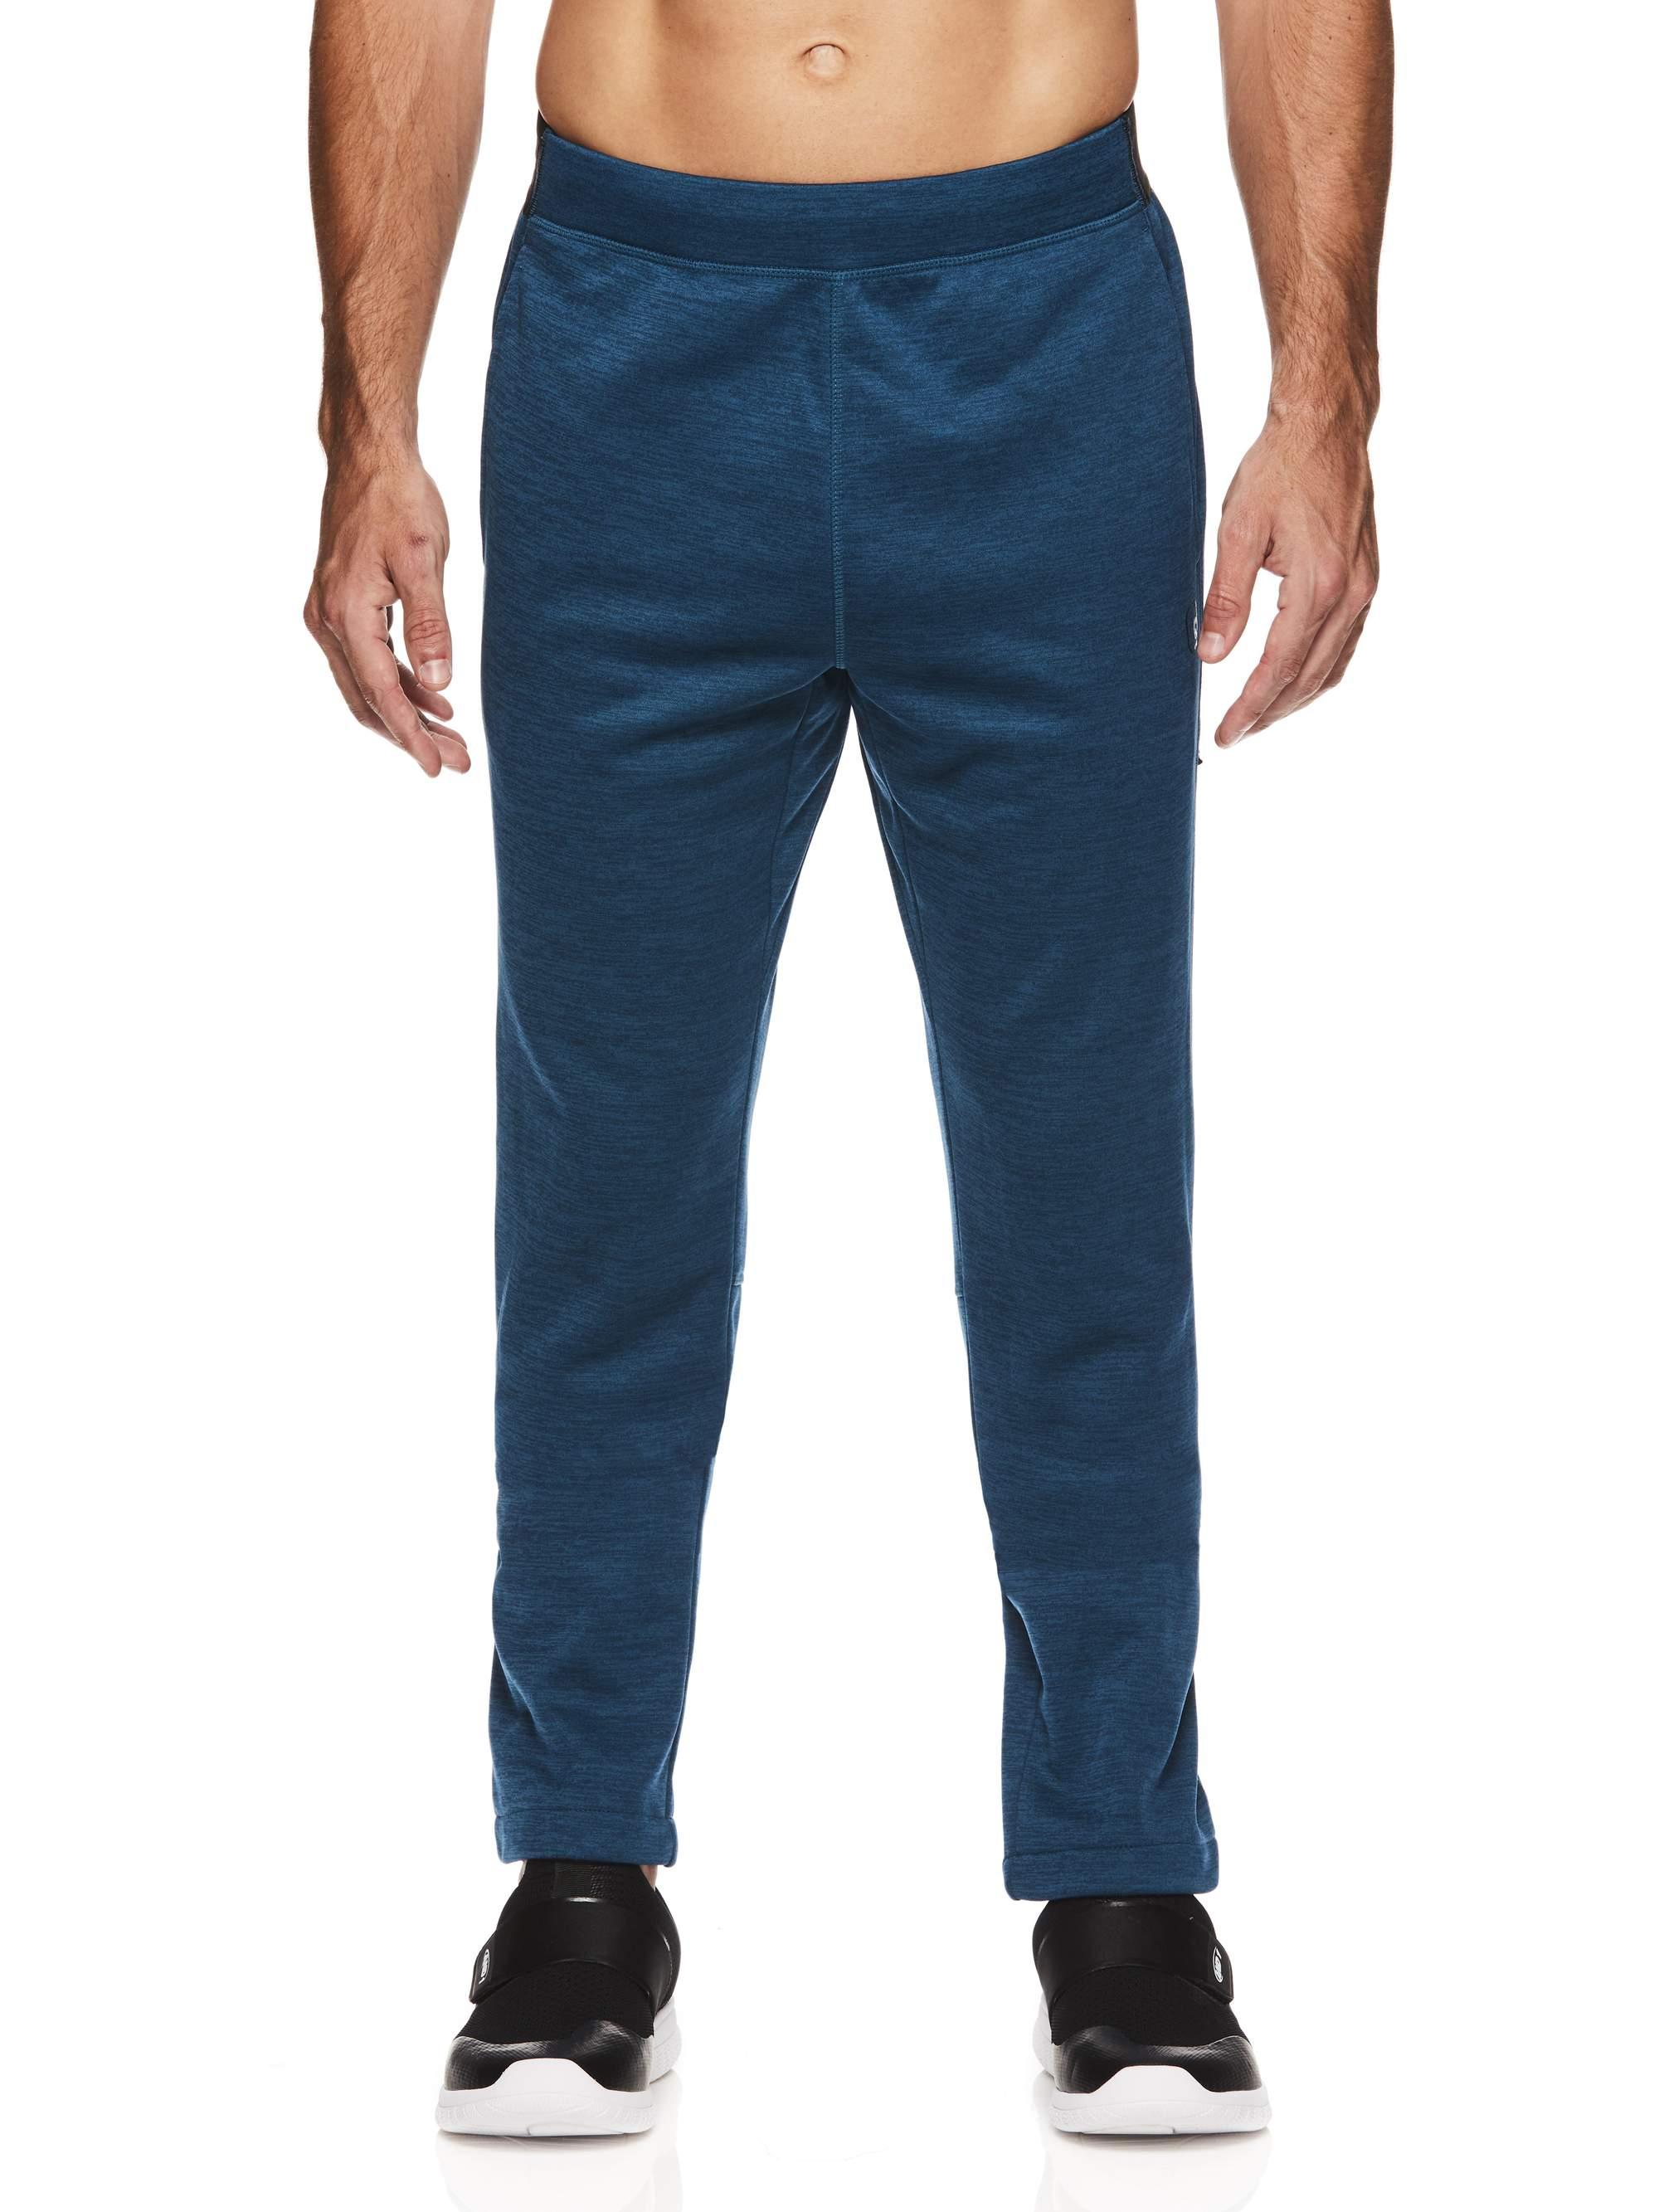 Big Men's Fleece Performance Activewear Pants